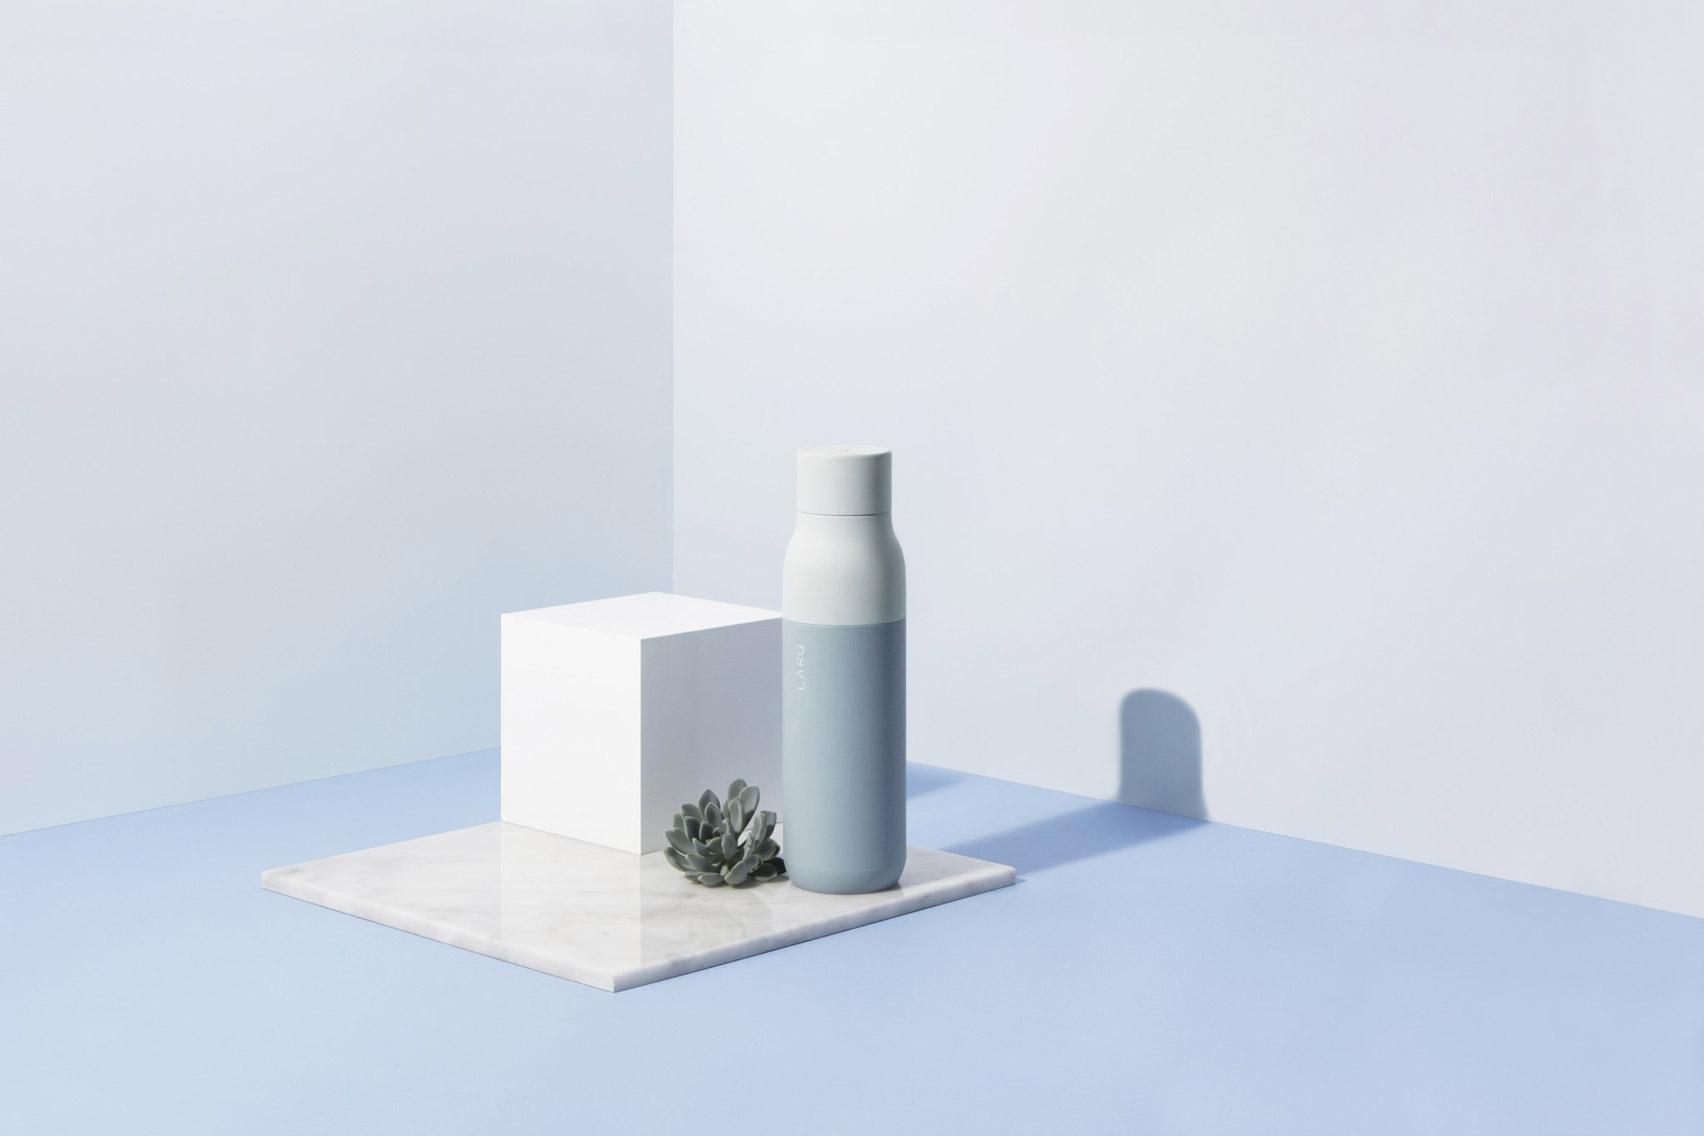 LARQ self-cleaning water bottle by LARQ